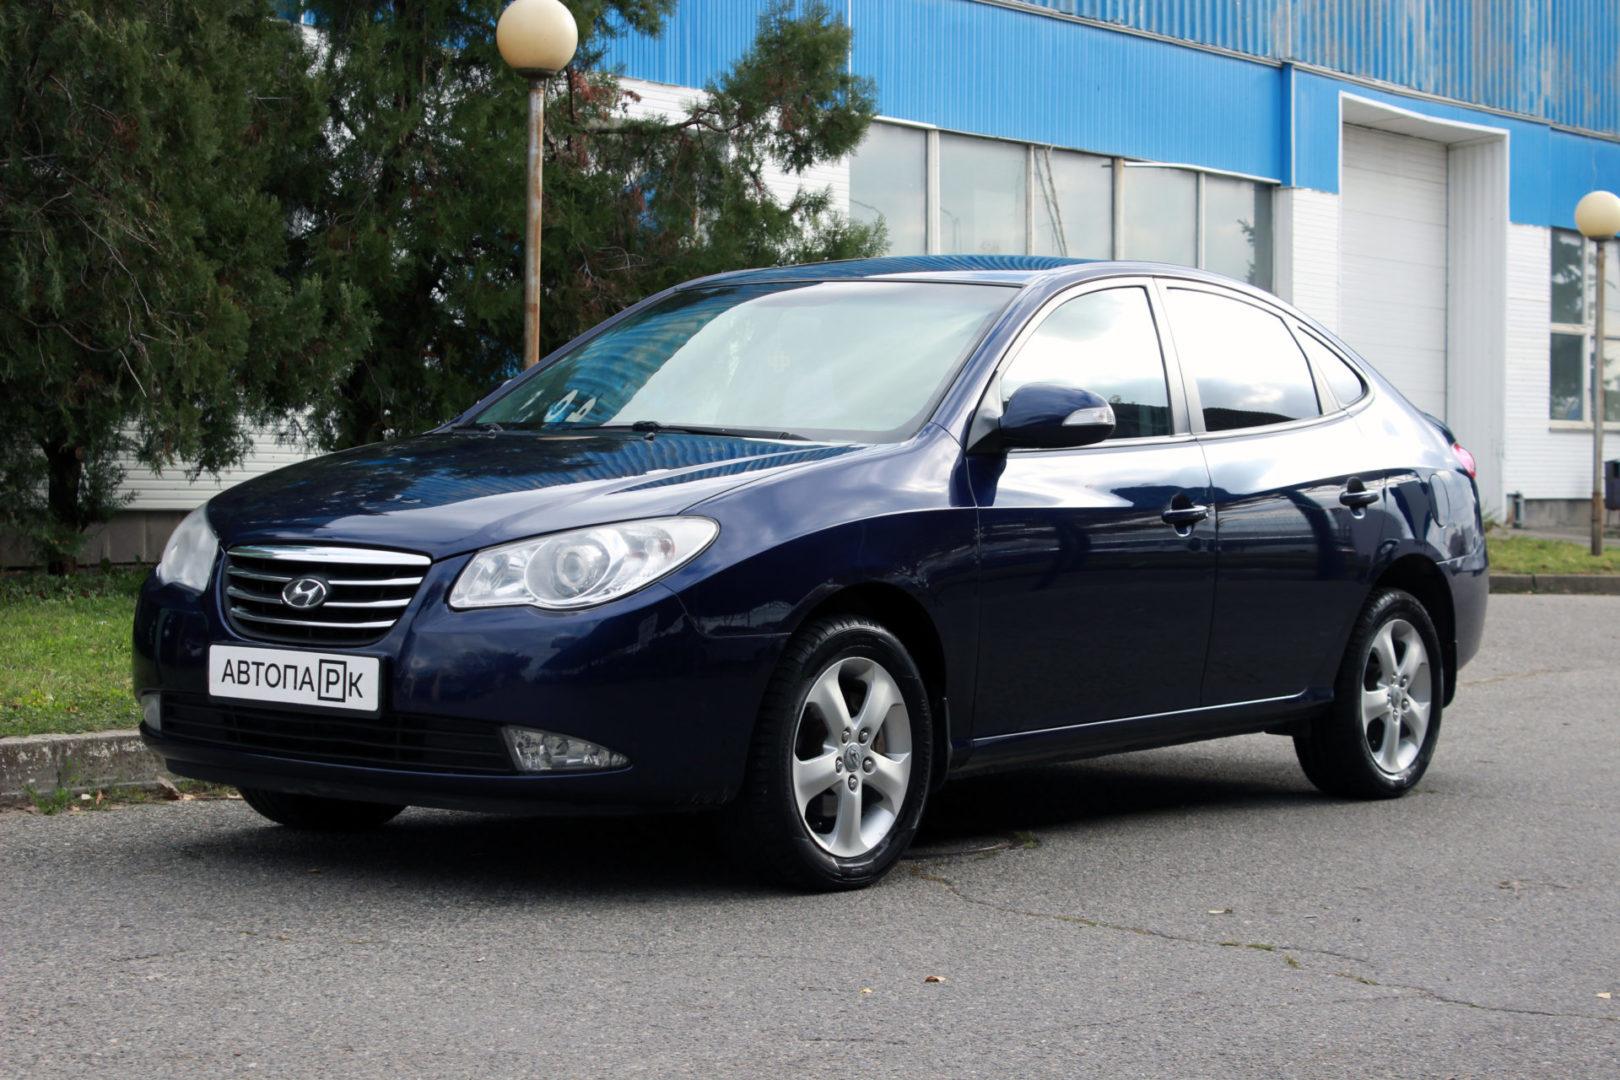 Купить Hyundai Elantra (Синий) - Автопарк Ставрополь